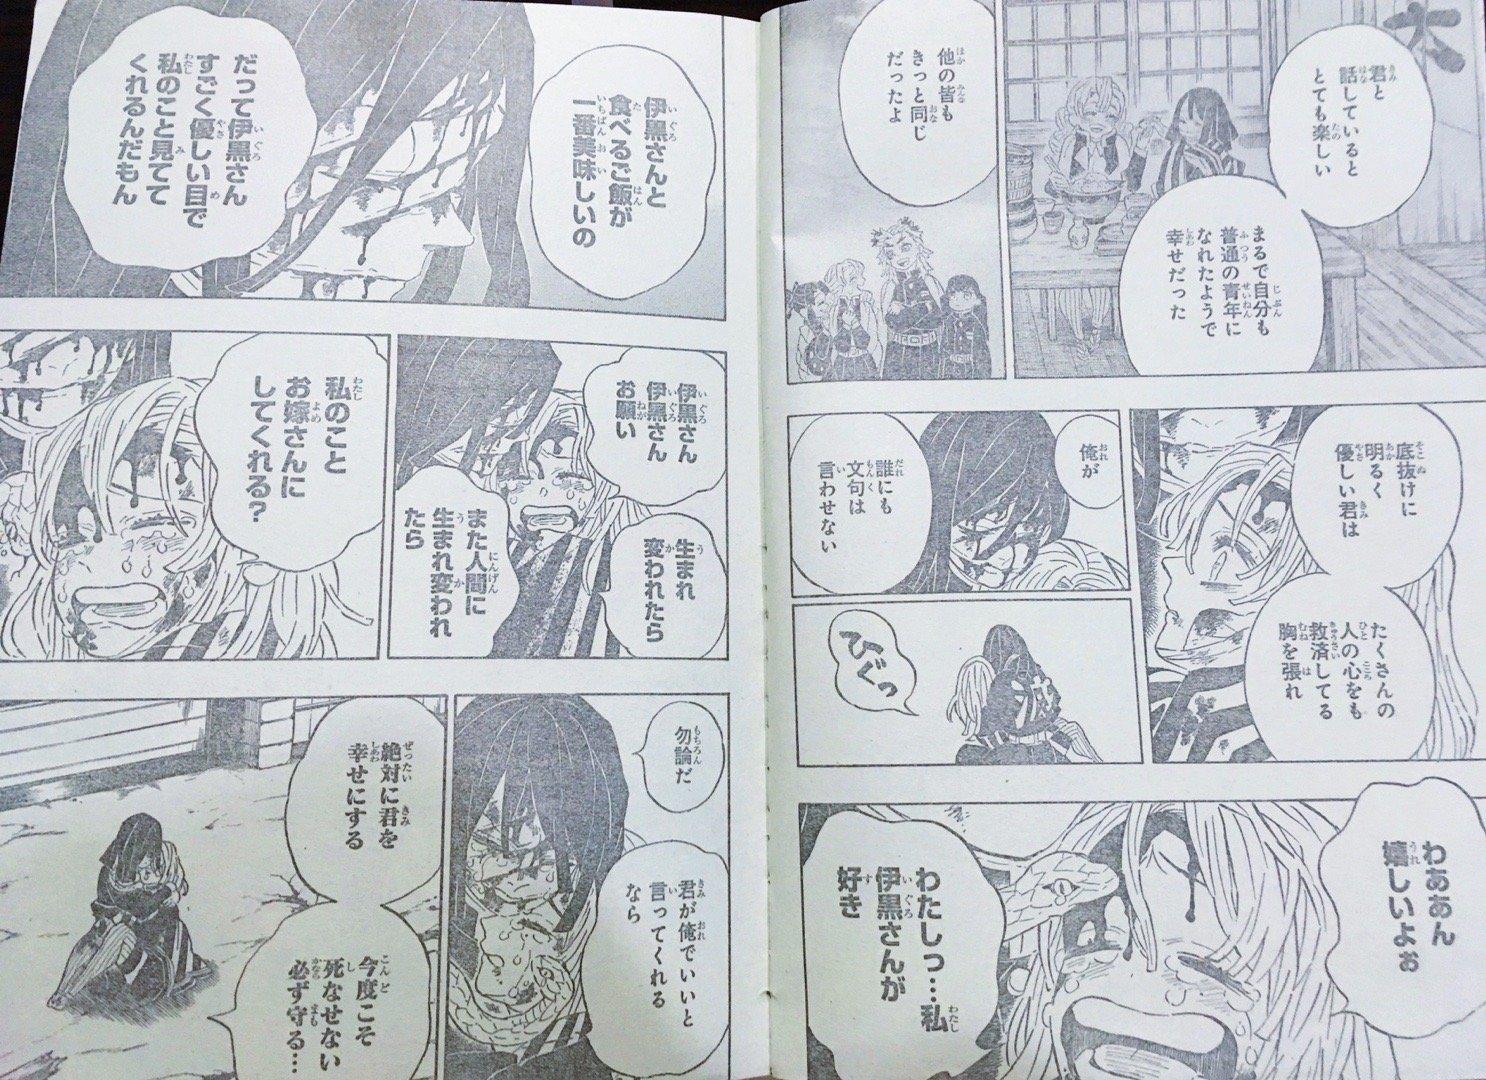 Kimetsu no Yaiba 200 spoilers